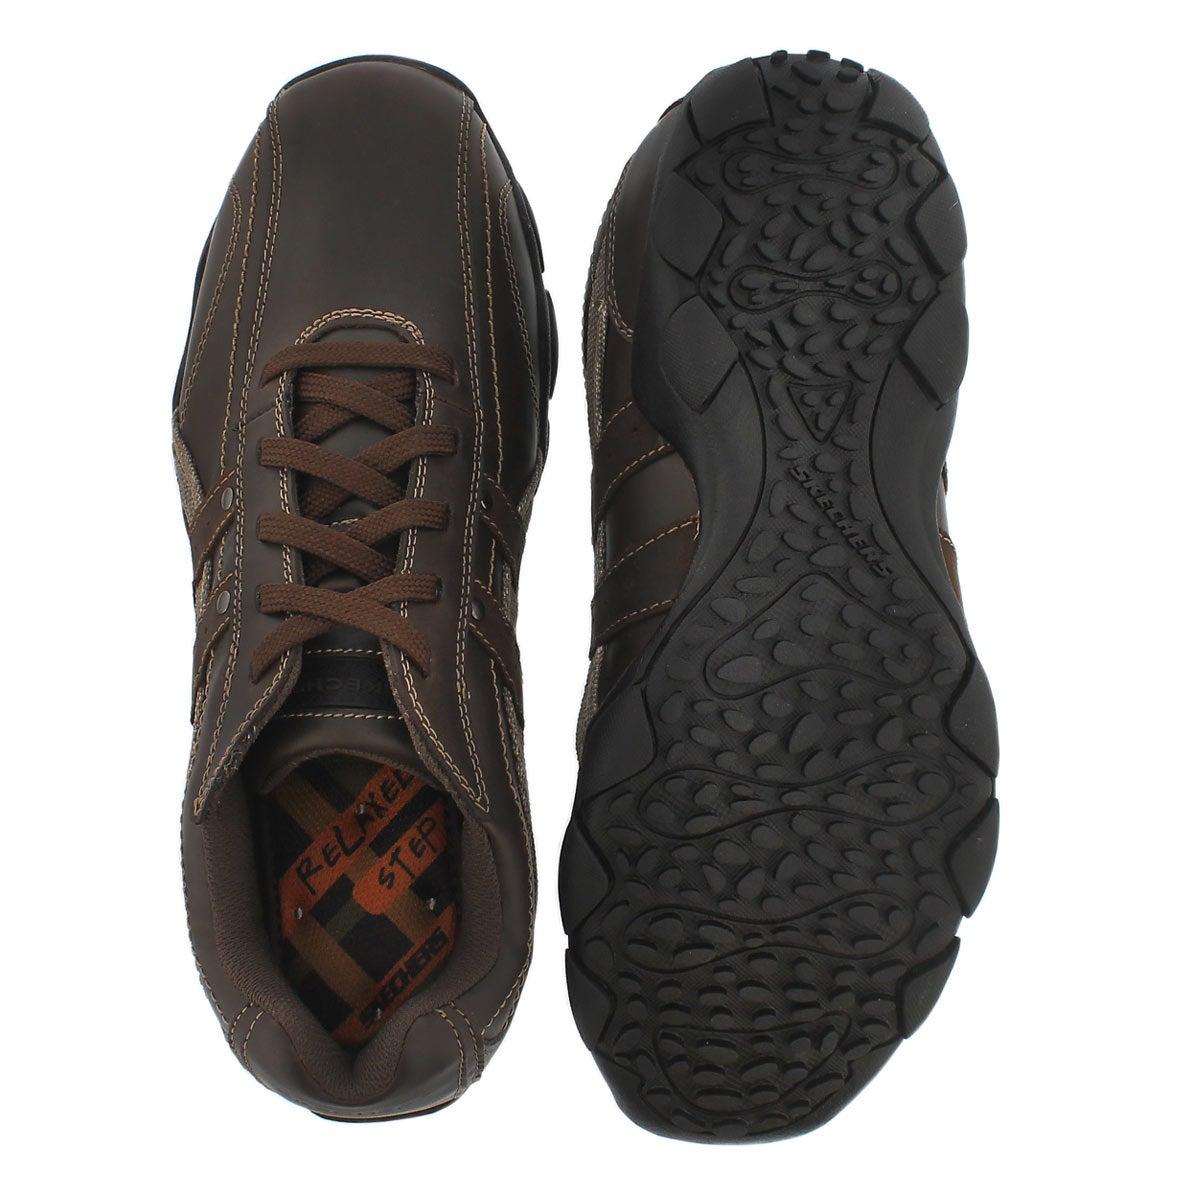 Chaussures lacées Blake, cuir brun, hom